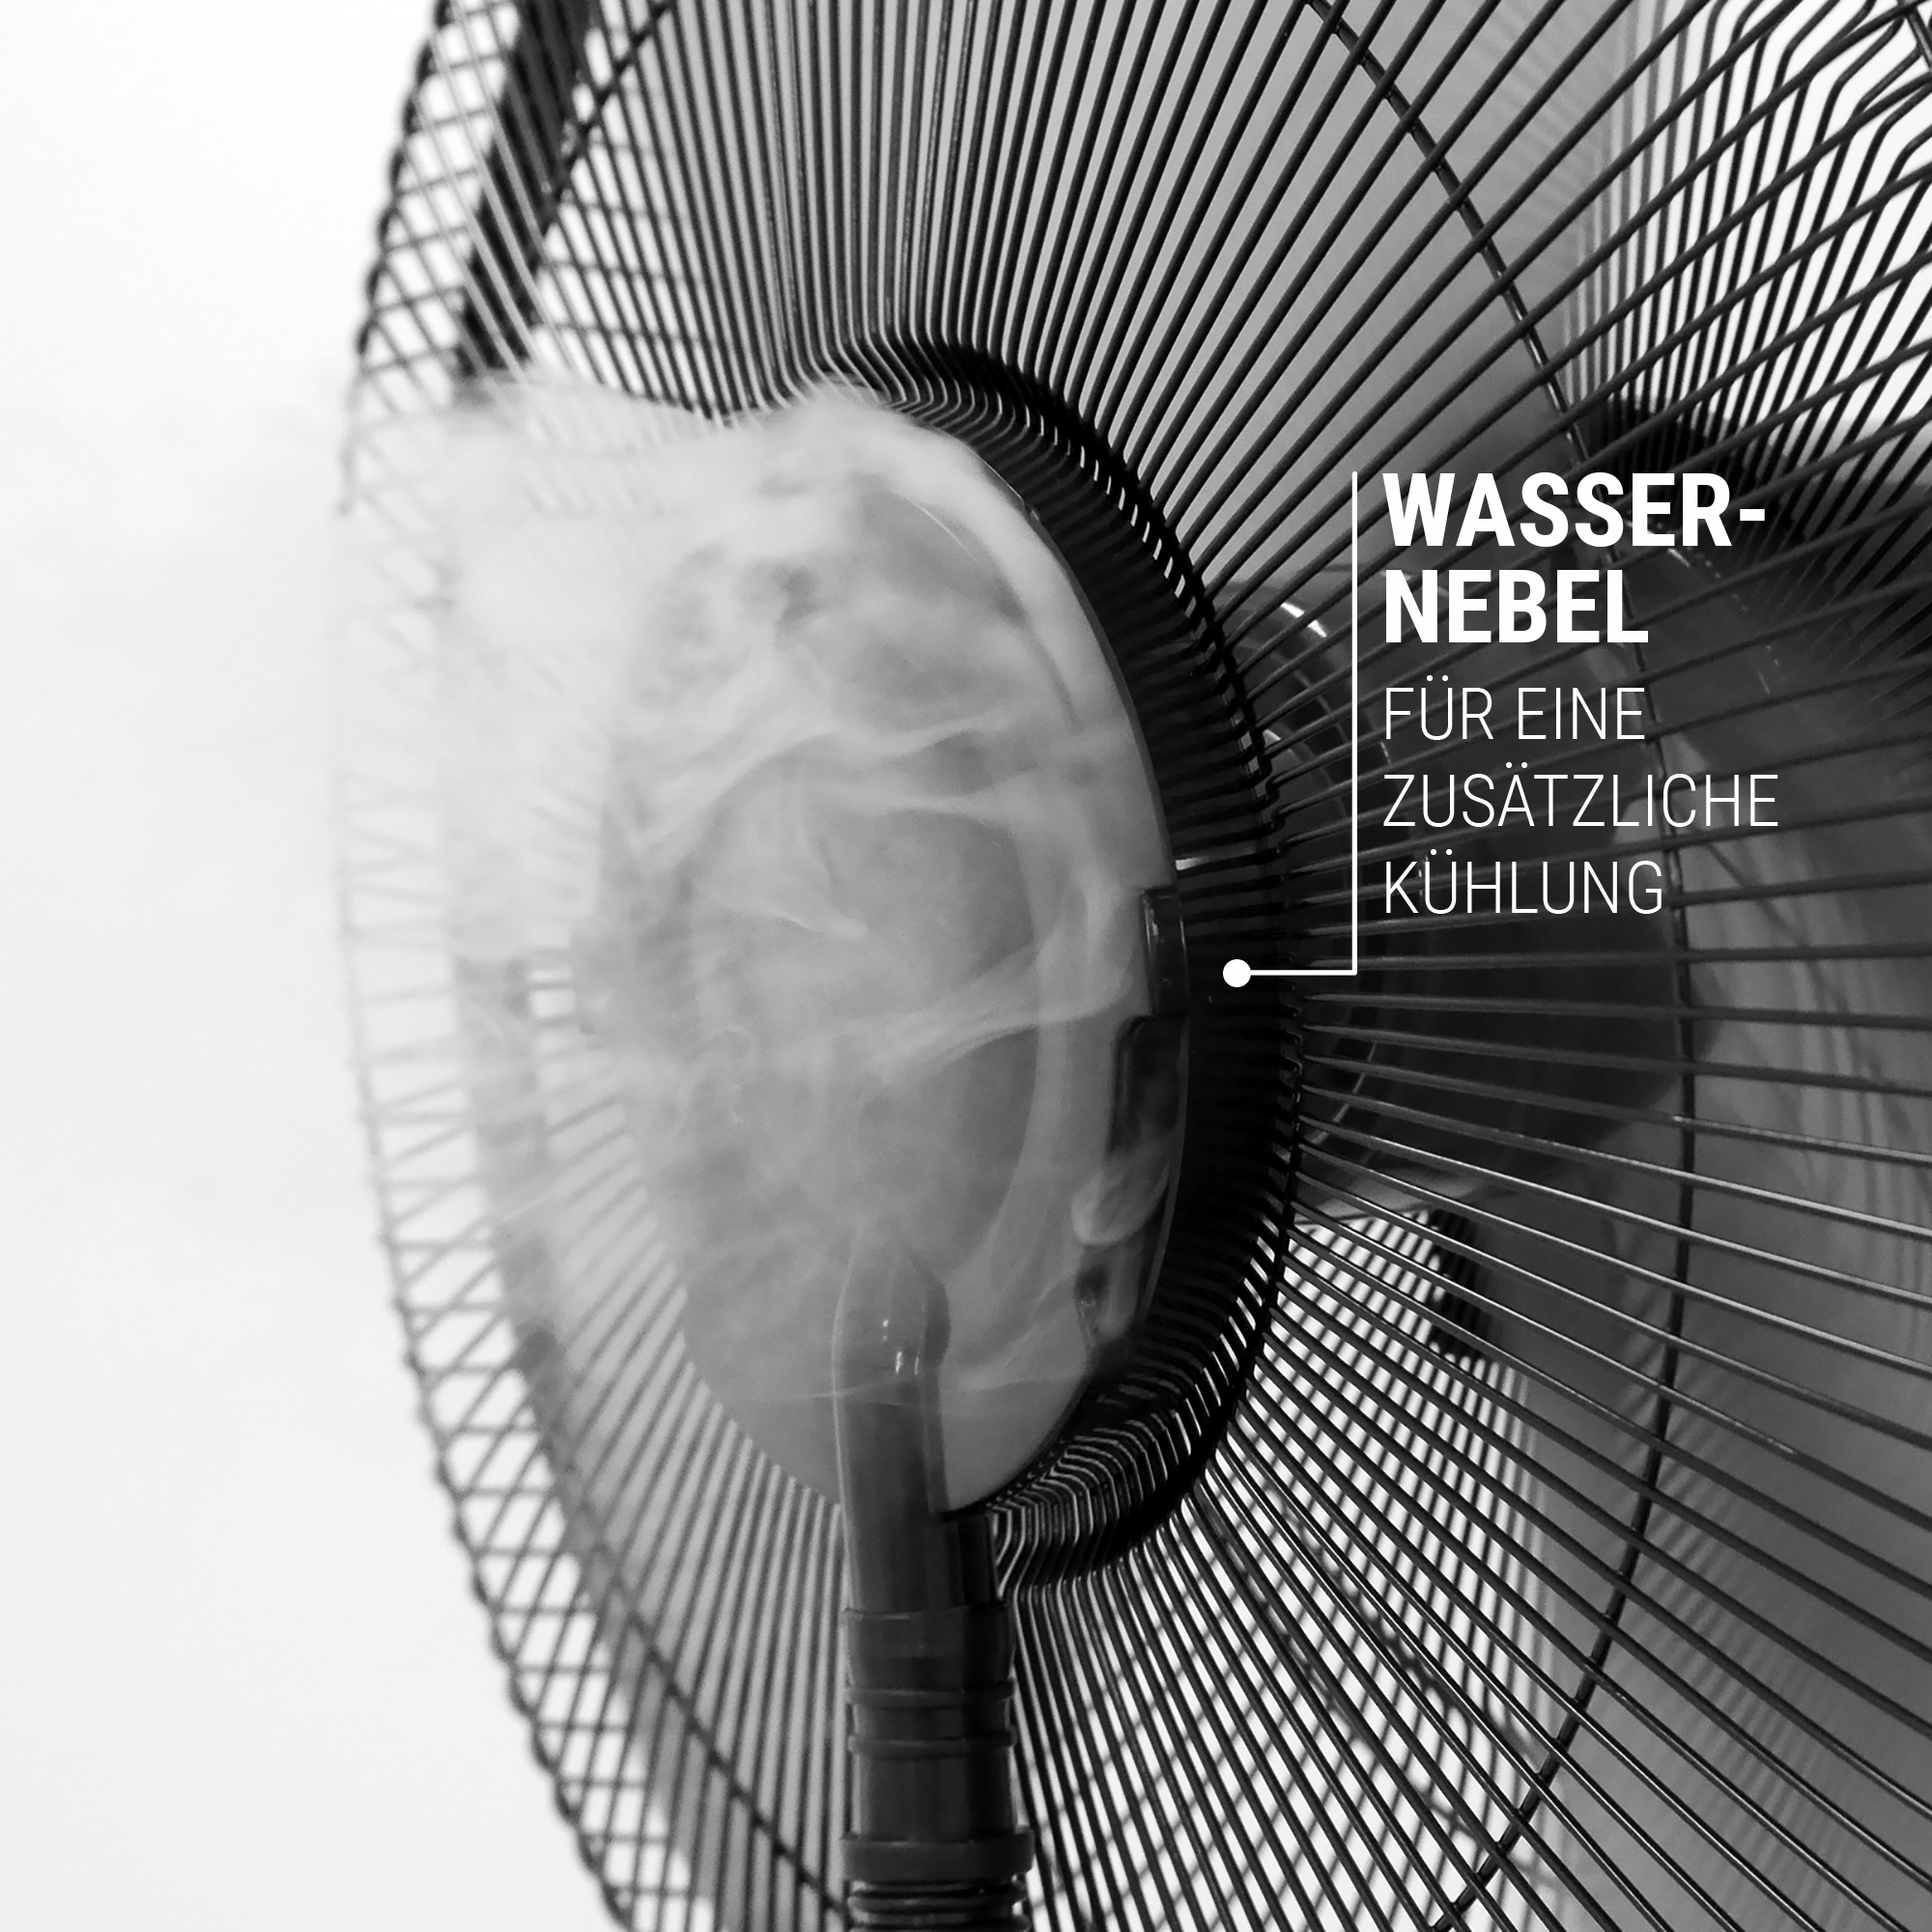 Ventilator mit Wasser Nebel für angenehme Erfrischung